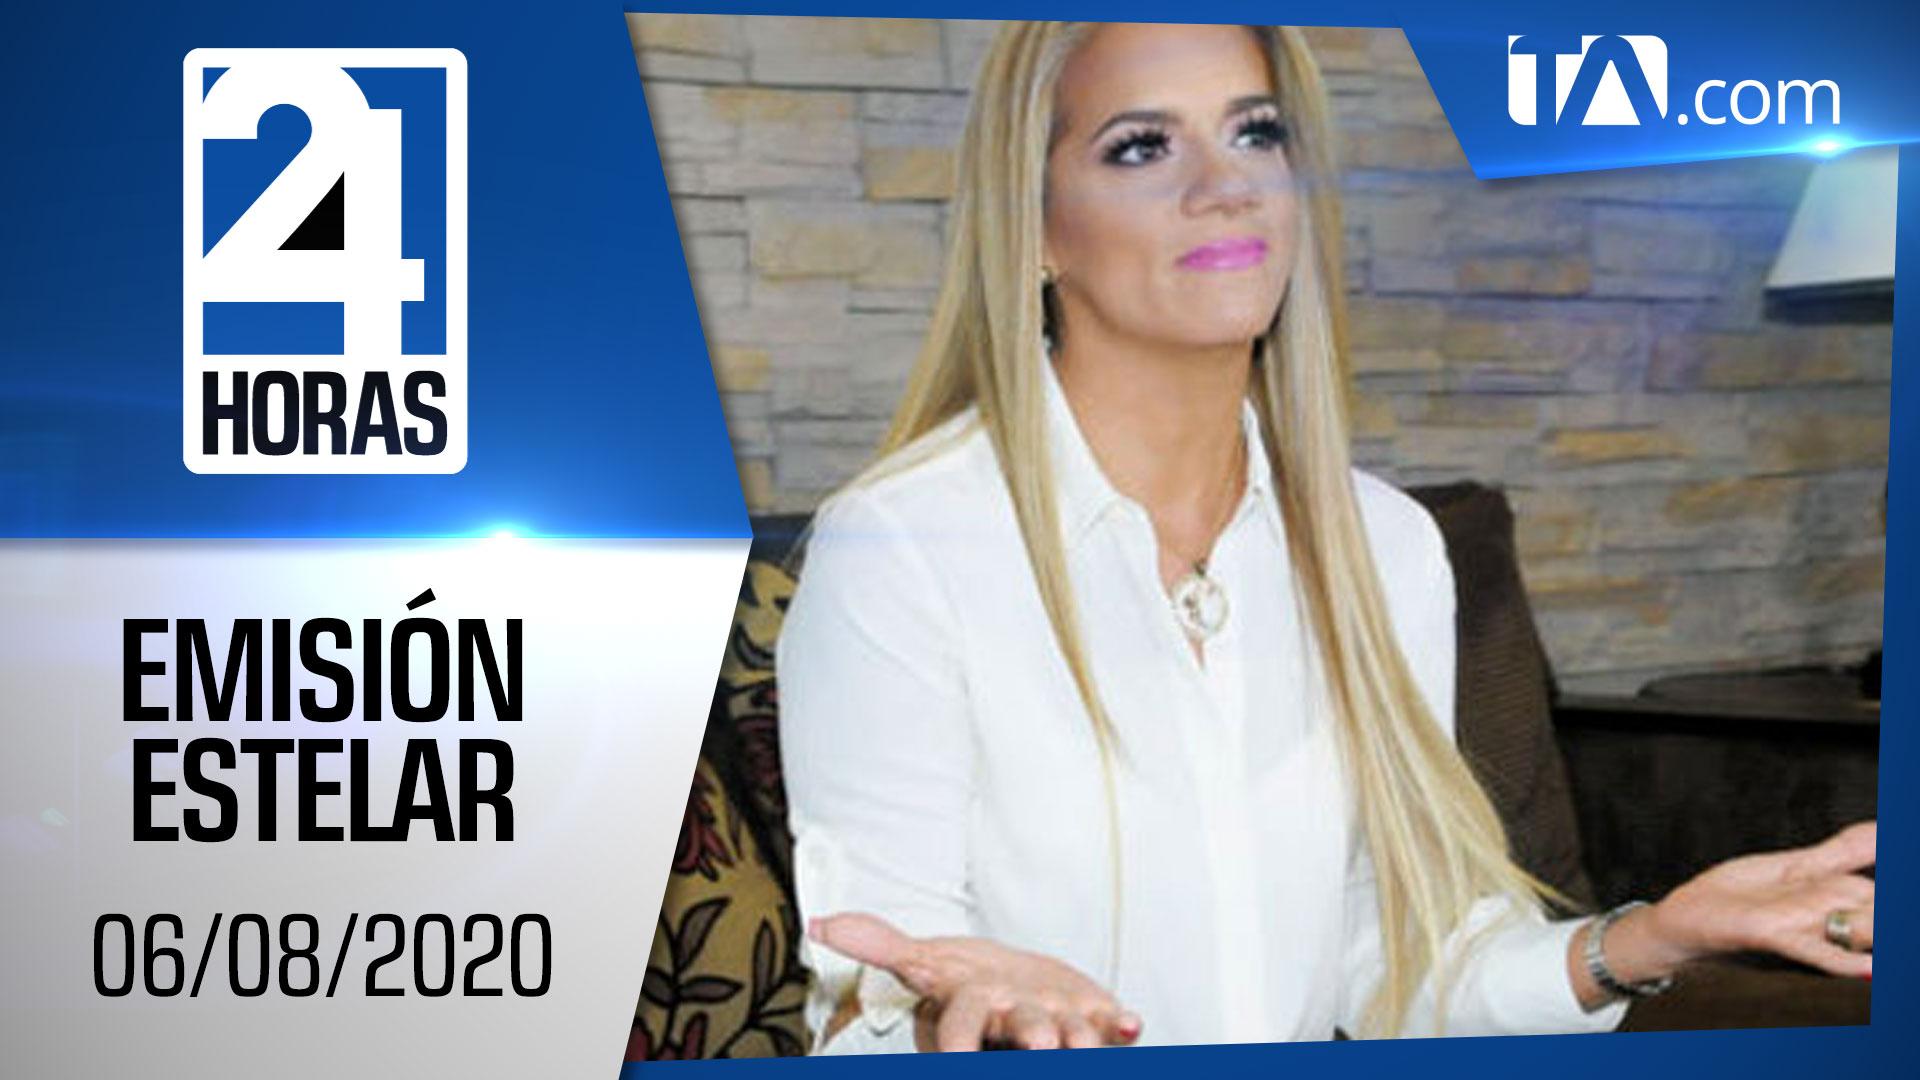 Noticias Ecuador: Noticiero 24 Horas, 06/08/2020 (Emisión Estelar)